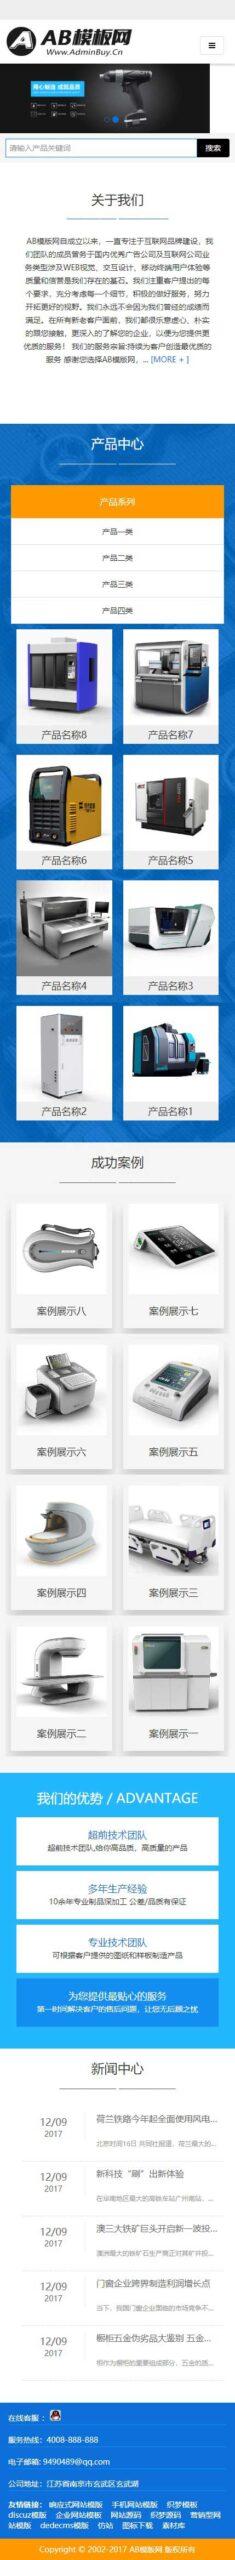 精密仪器零件五金企业网站织梦dede模板源码[自适应手机版]插图1